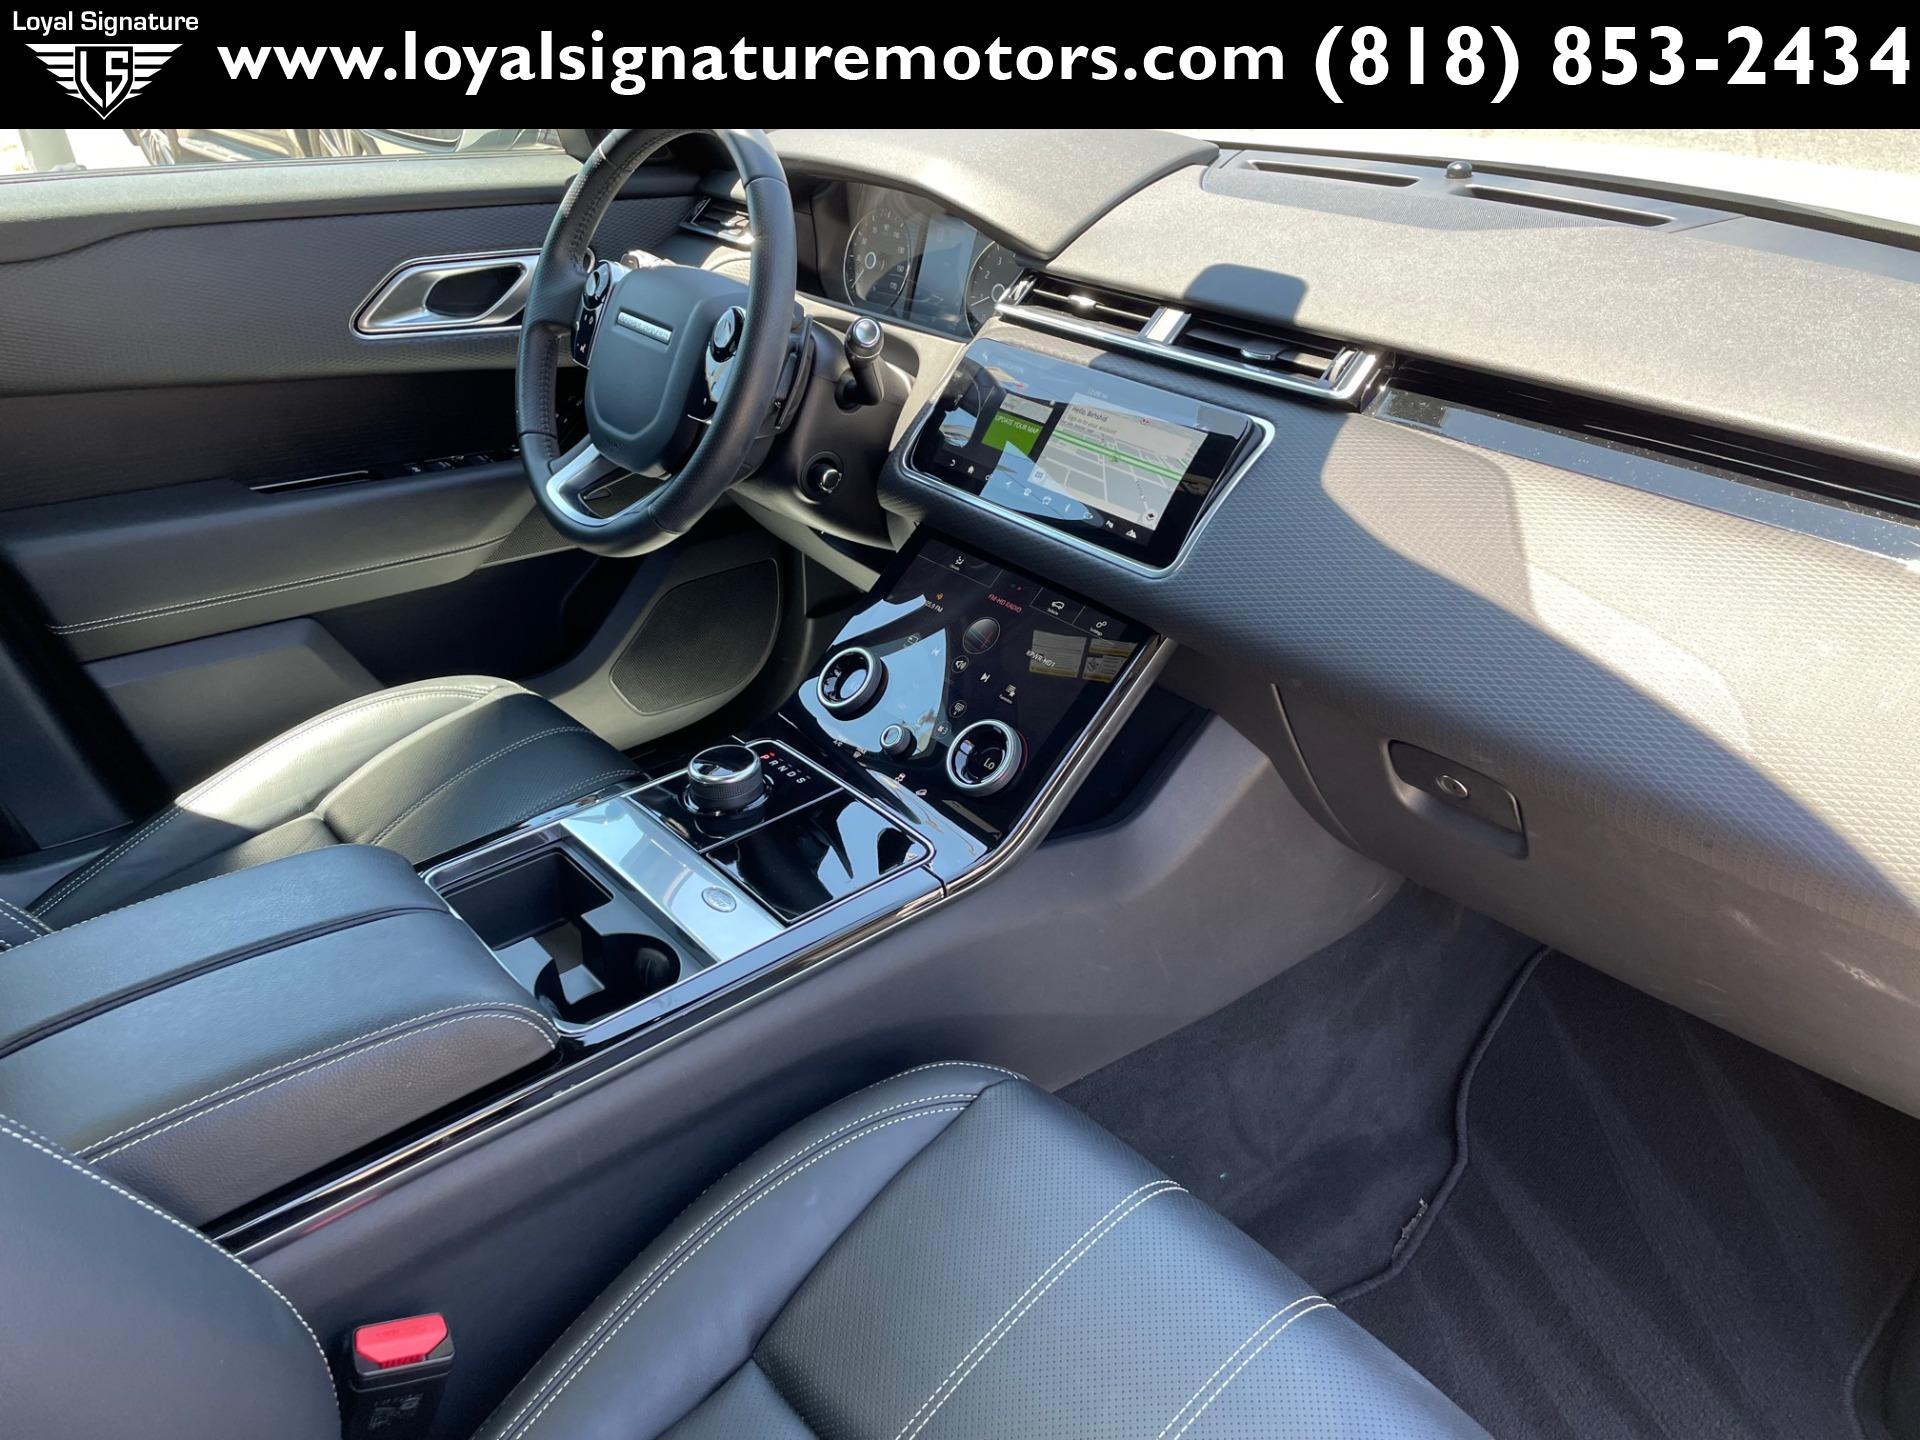 Used-2020-Land-Rover-Range-Rover-Velar-P340-S